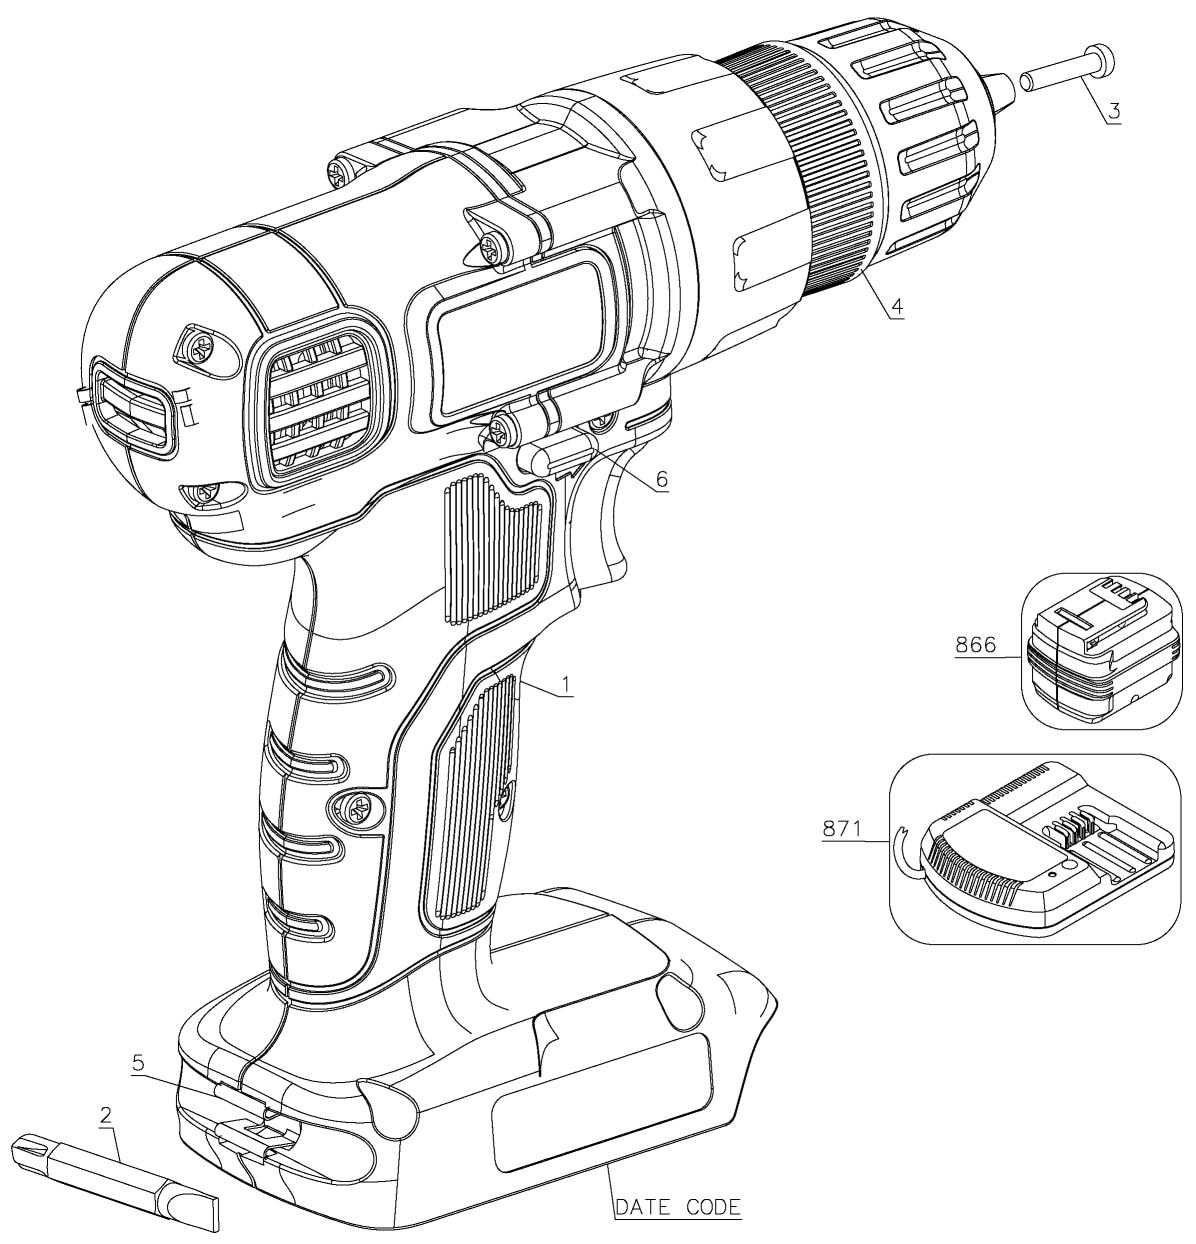 parts for black and decker ld120va